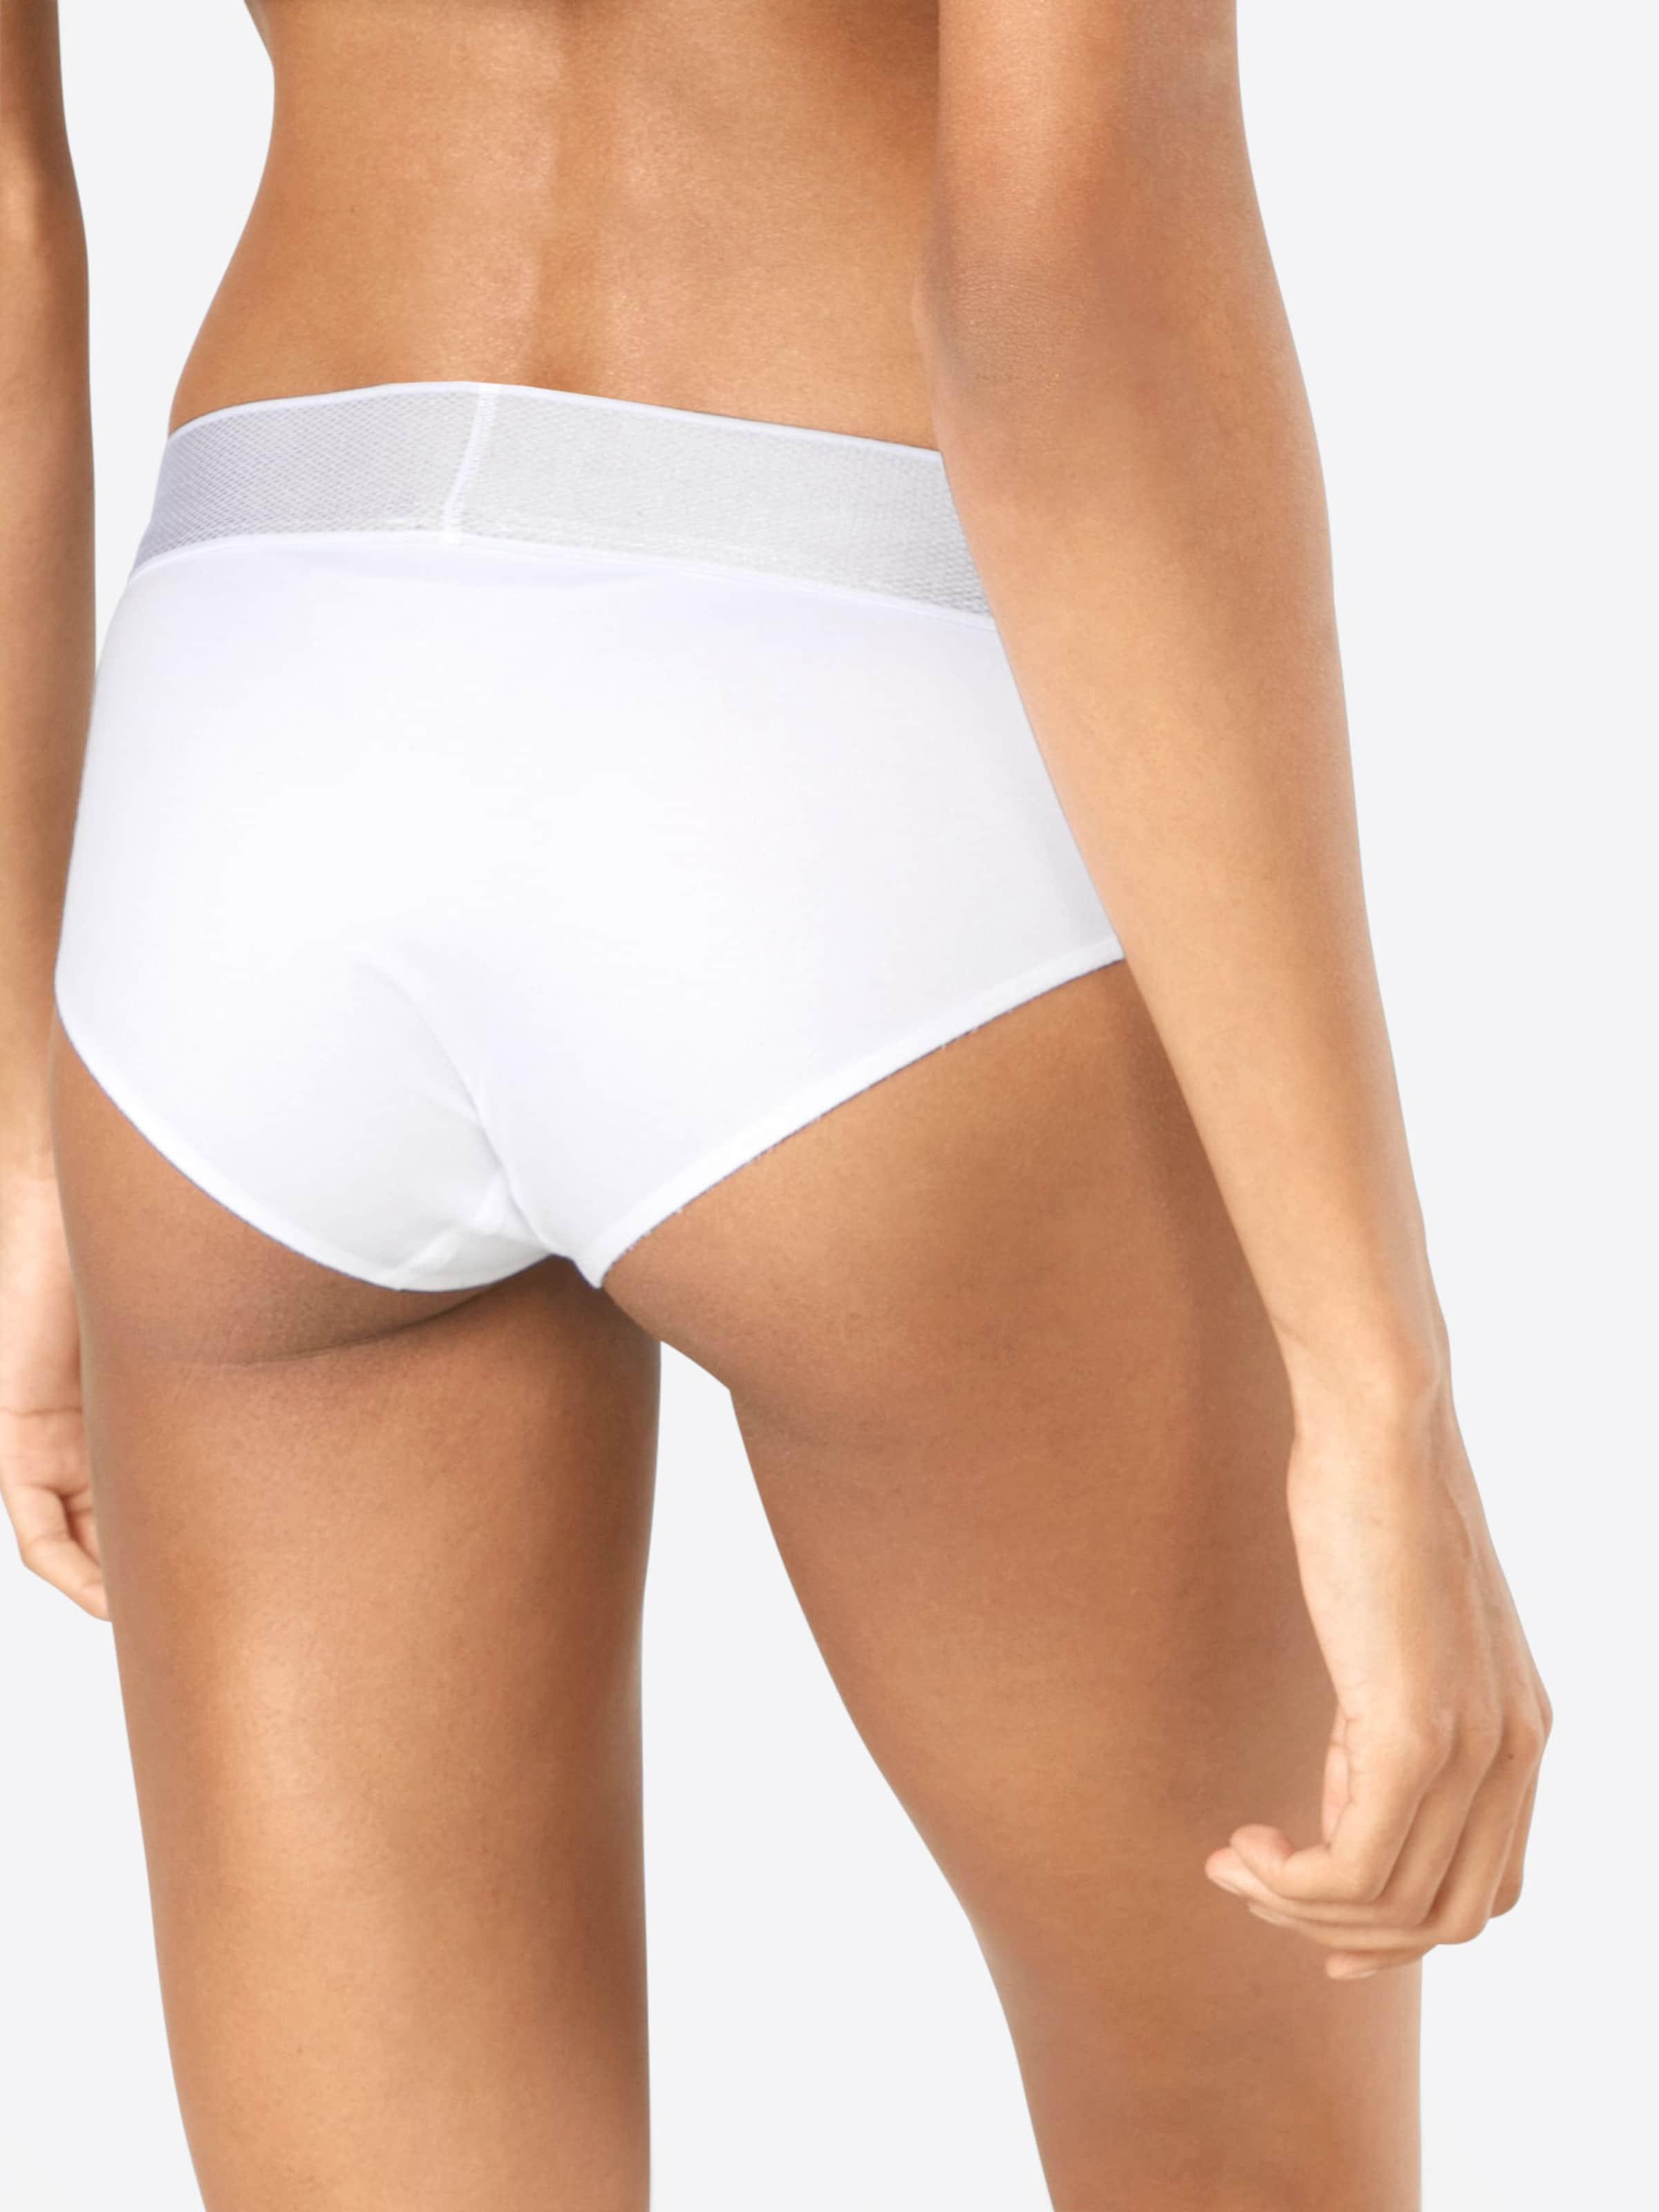 Calvin Klein underwear Hipster mit Logo-Bund 100% Ig Garantiert Günstiger Preis  Verkaufsschlager Einkaufen Genießen Rabatt Mode-Stil EEi0M